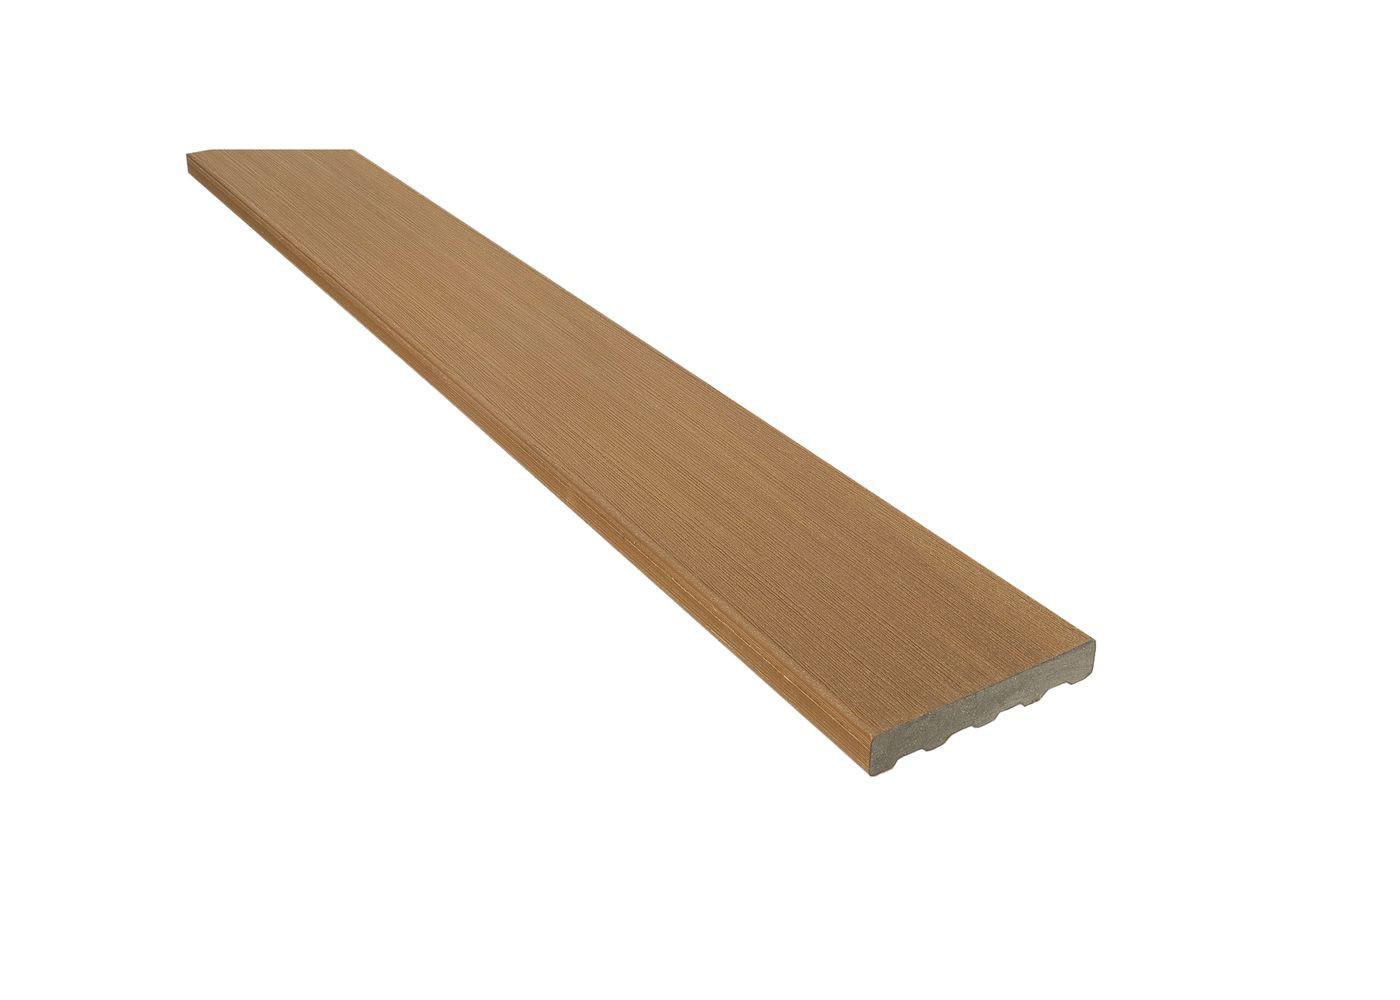 Planche de finition composite co-extrudé Brun Lima